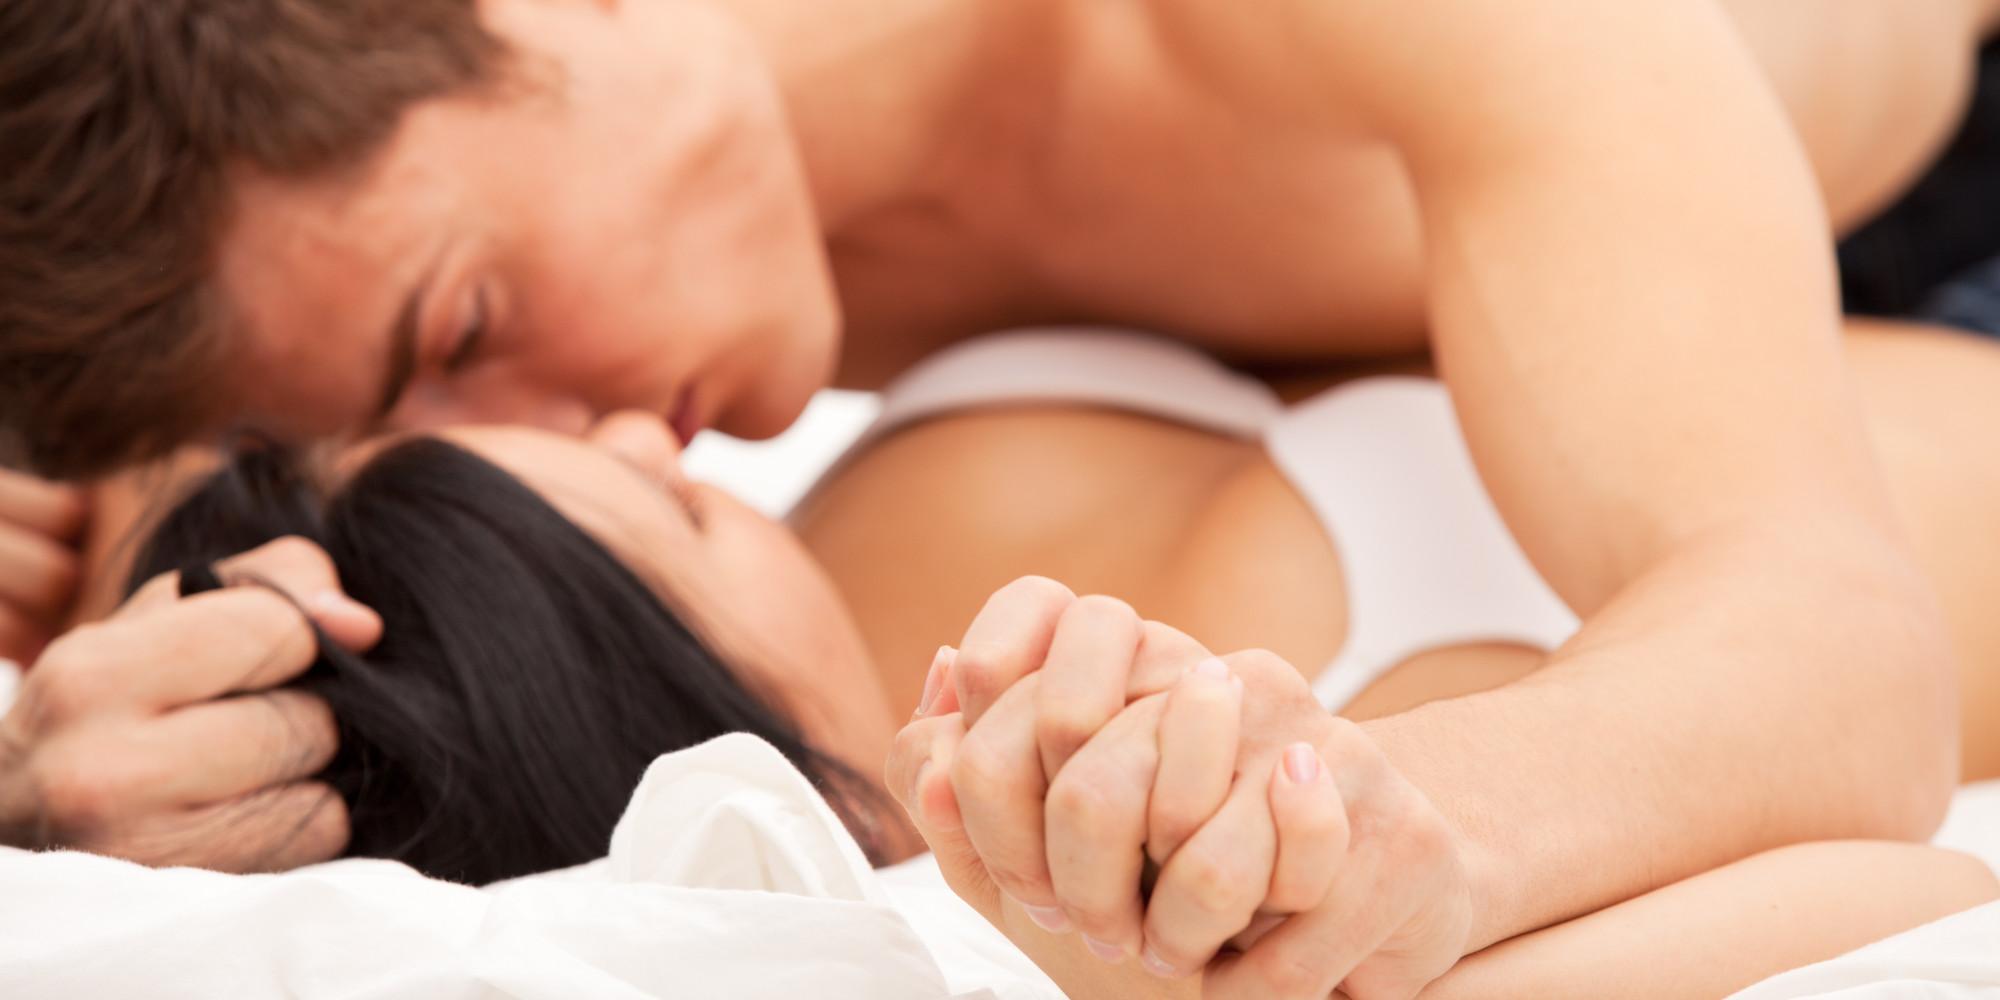 здесь сексуальных удовольствие видео поведать вам